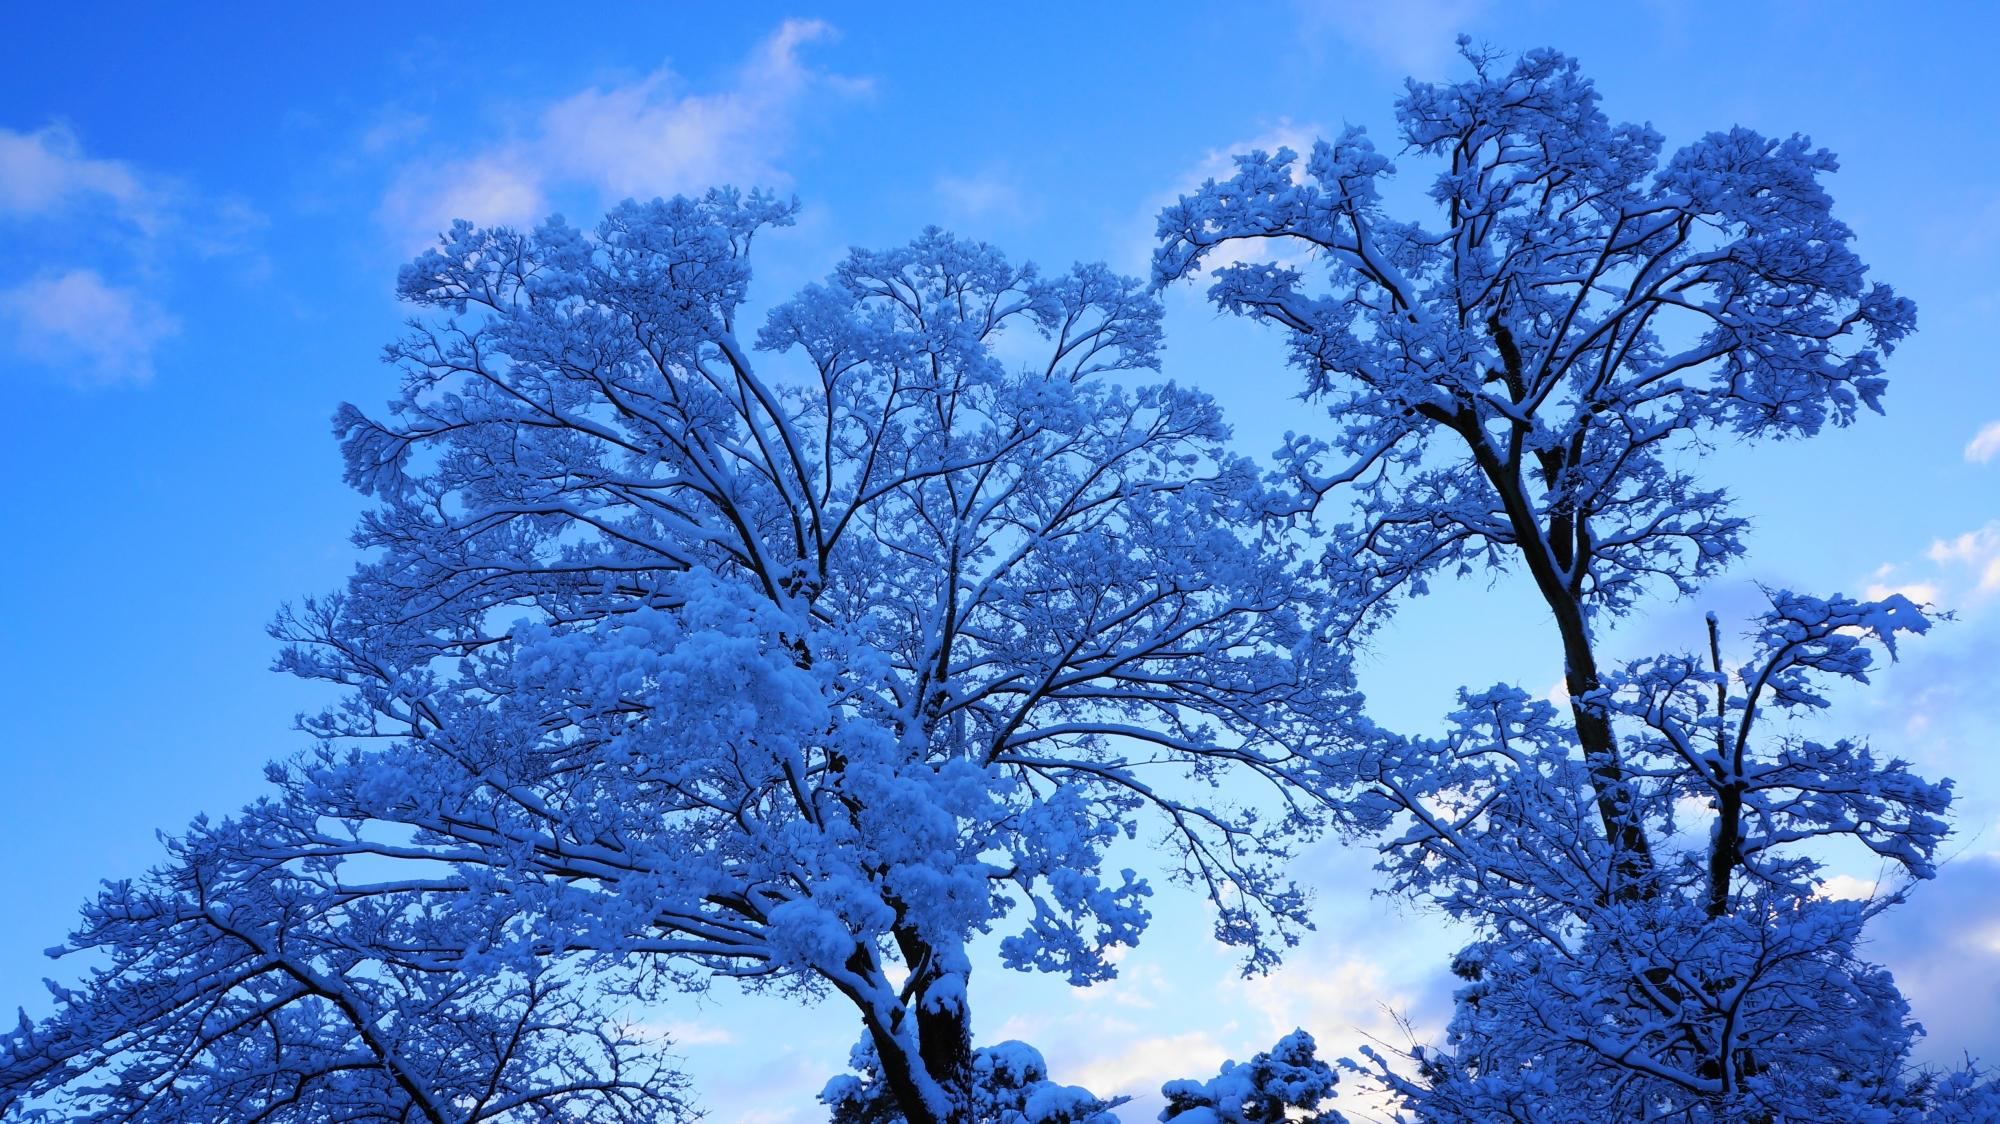 自然が創り出す芸術作品の雪の積もった枝